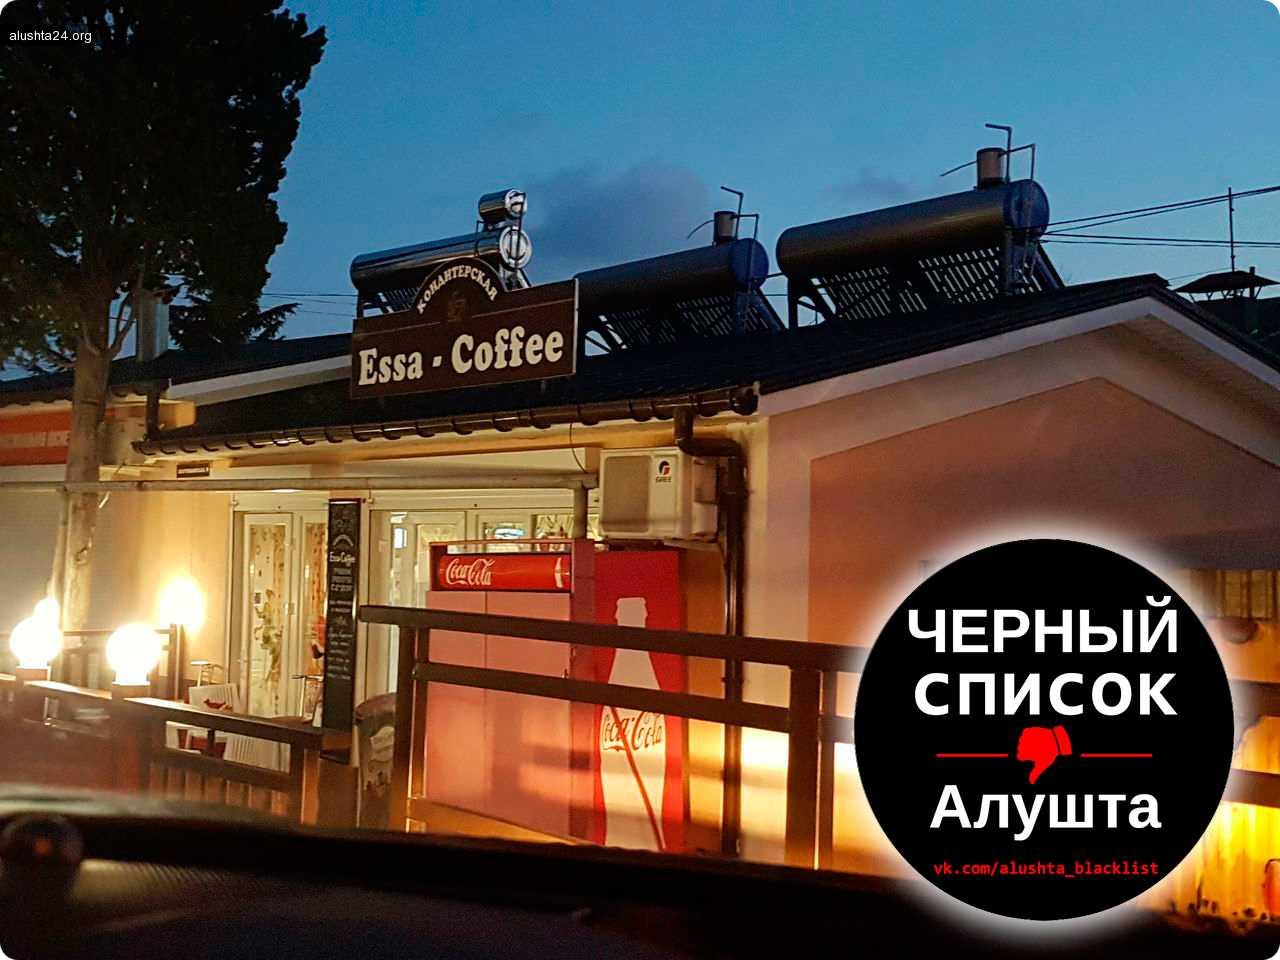 Все об Алуште: Отрава из кафе'' Essa - Coffee' в Алуште